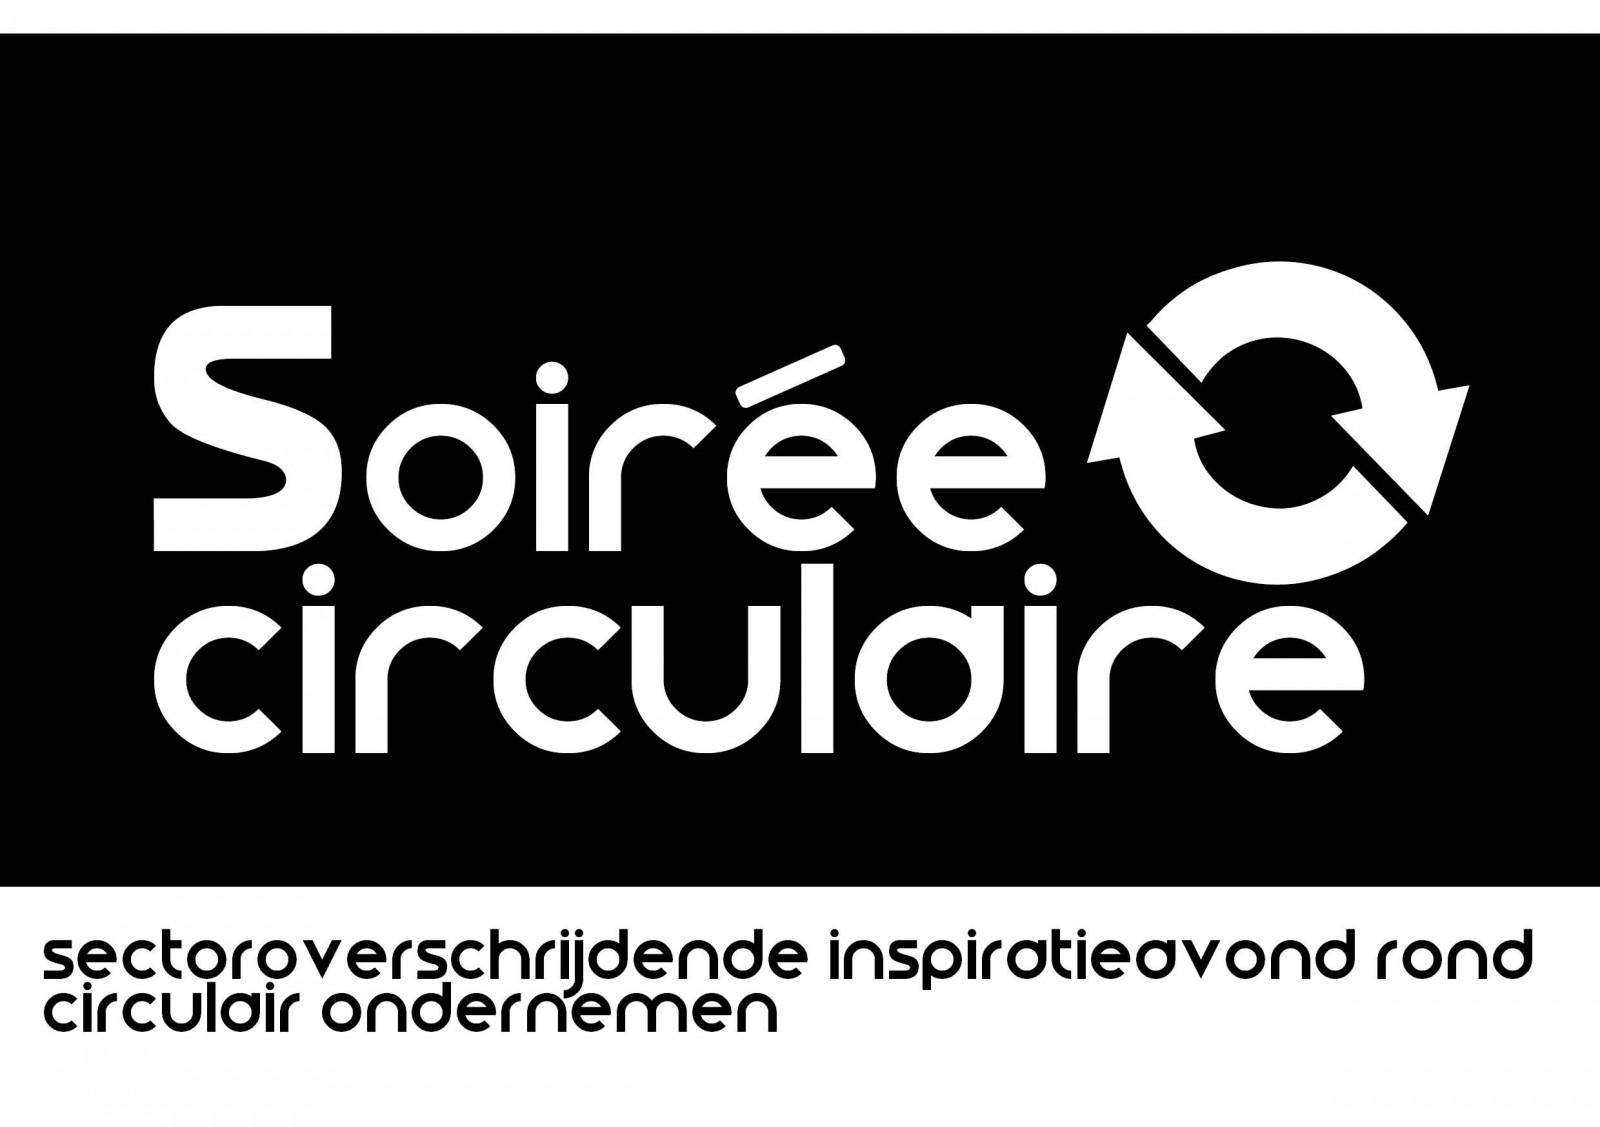 Soirée Circulaire